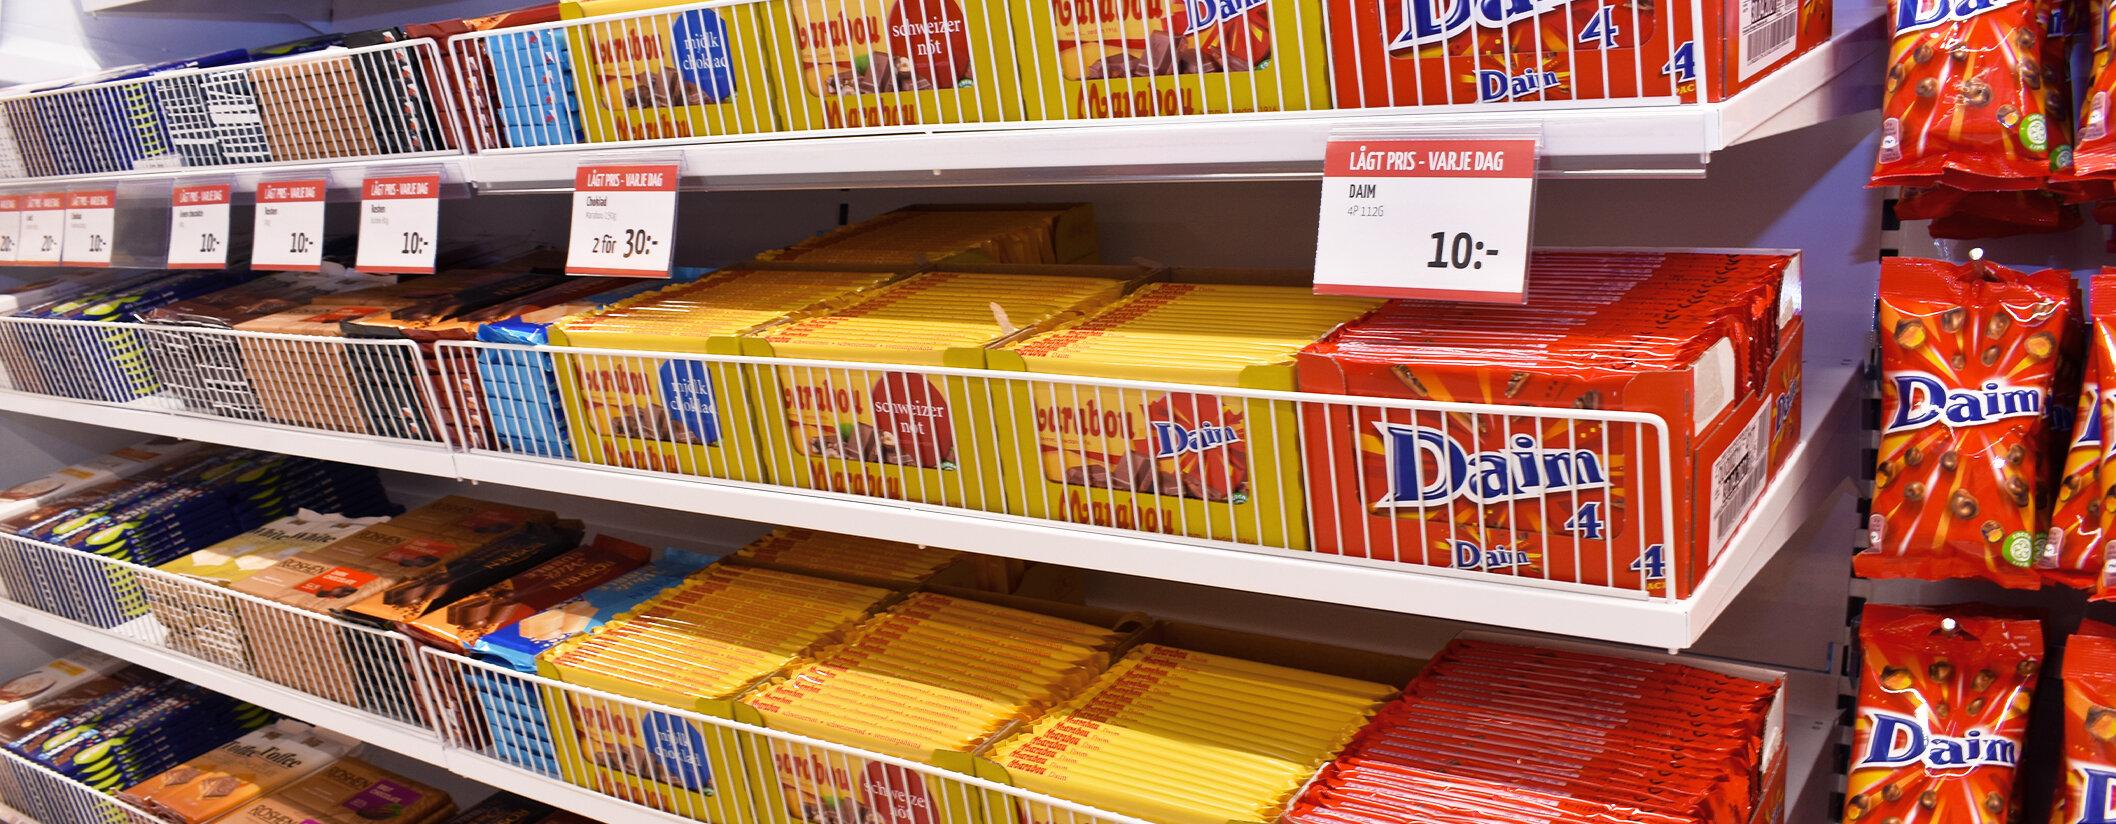 desktop_2116x824_choklad2_1.jpg